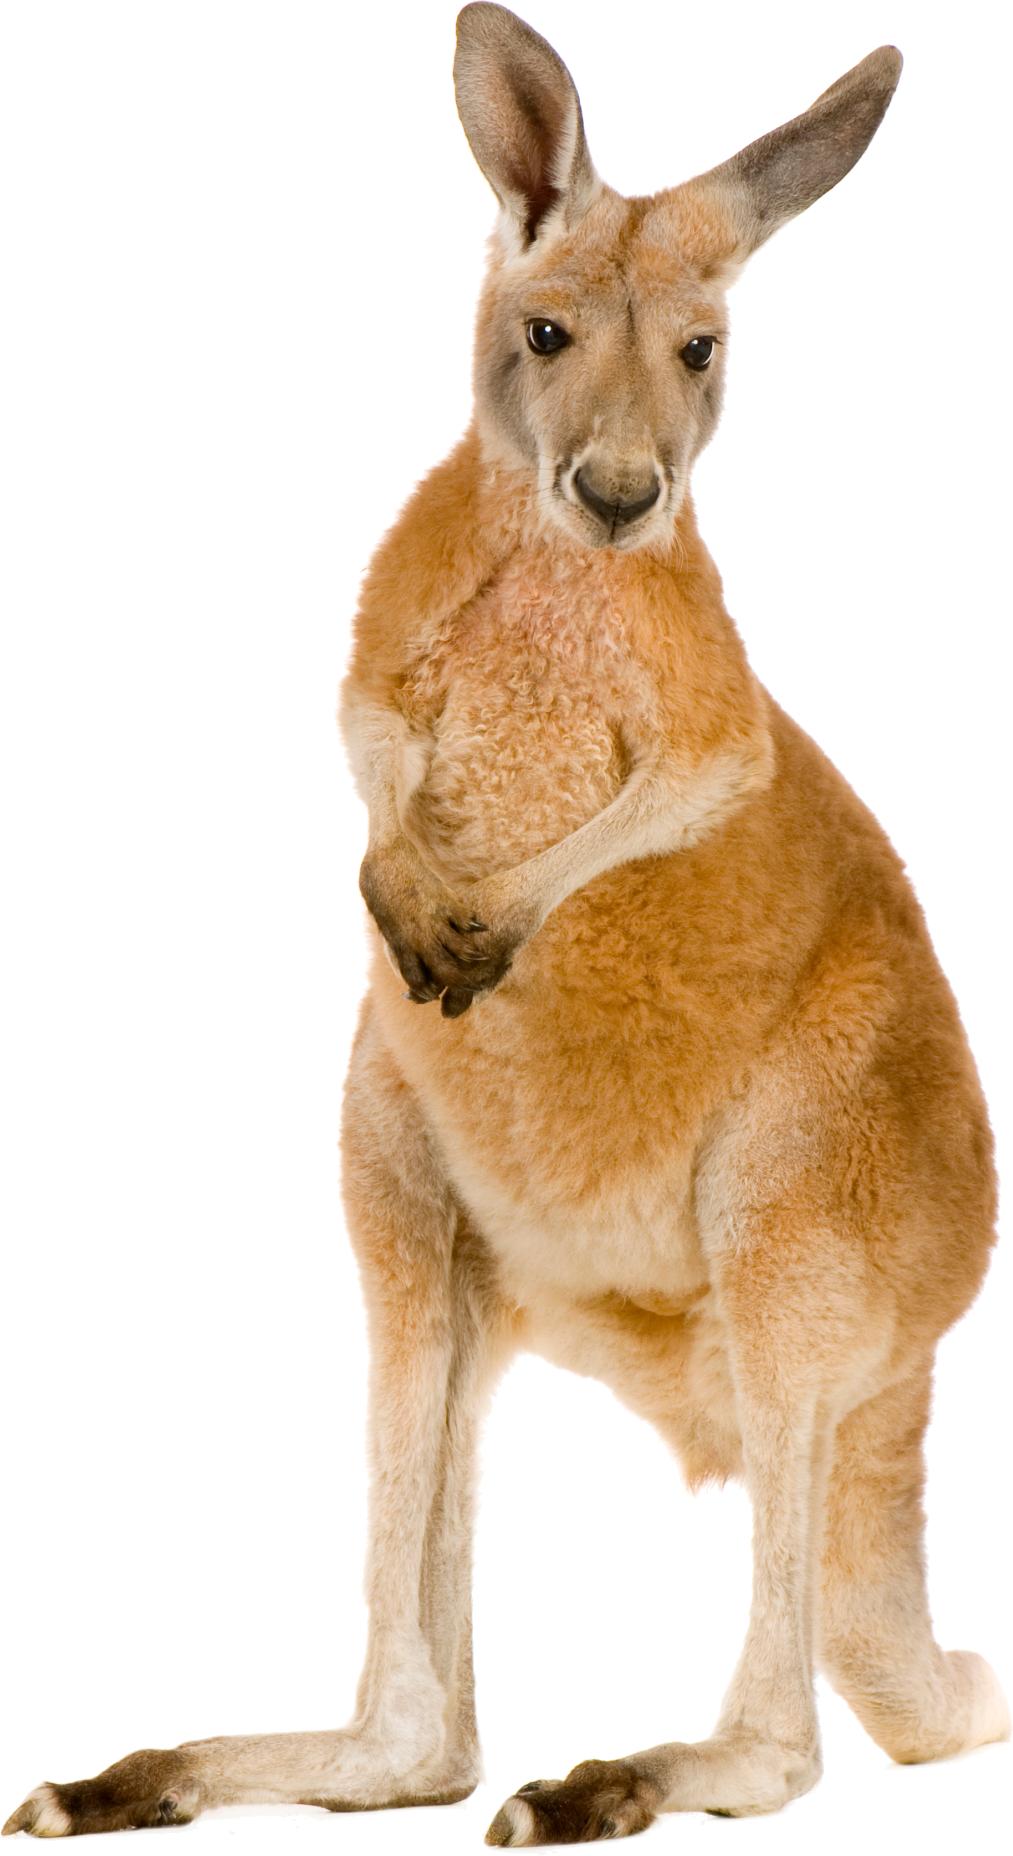 Kangaroo Cute Deer Cartoon Jumping